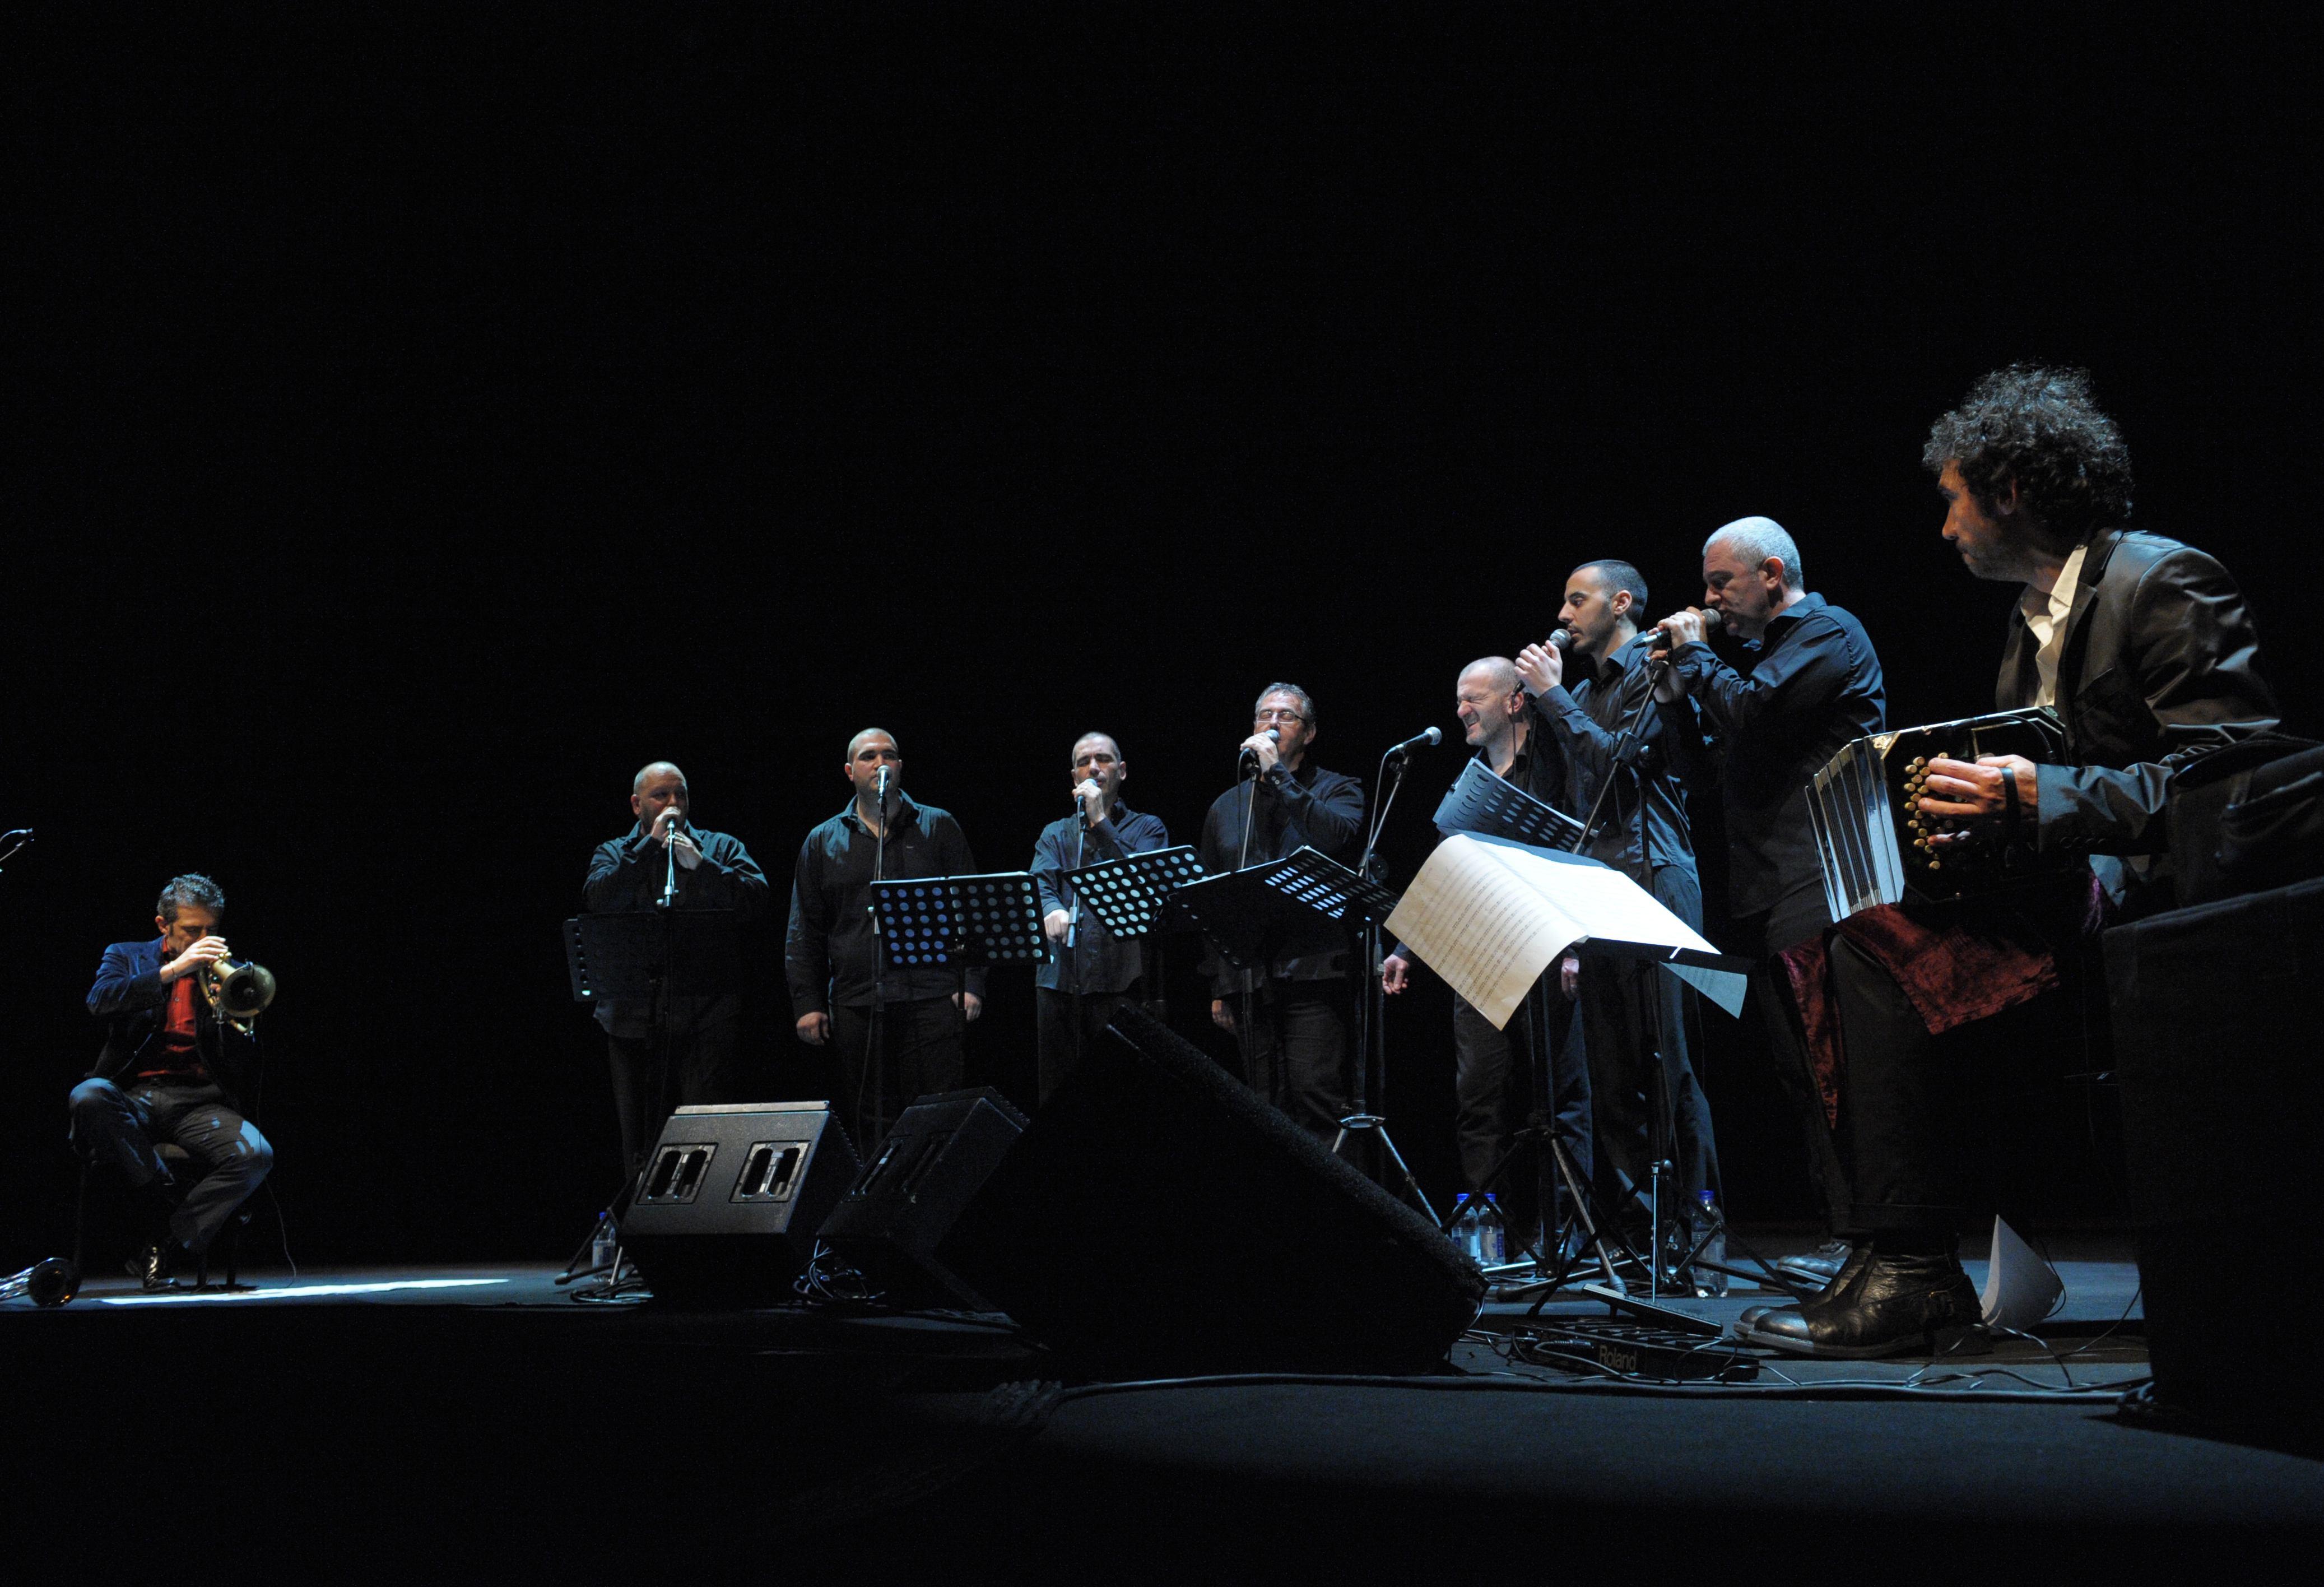 Paolo Fresu Mistico Mediterraneo live jazz